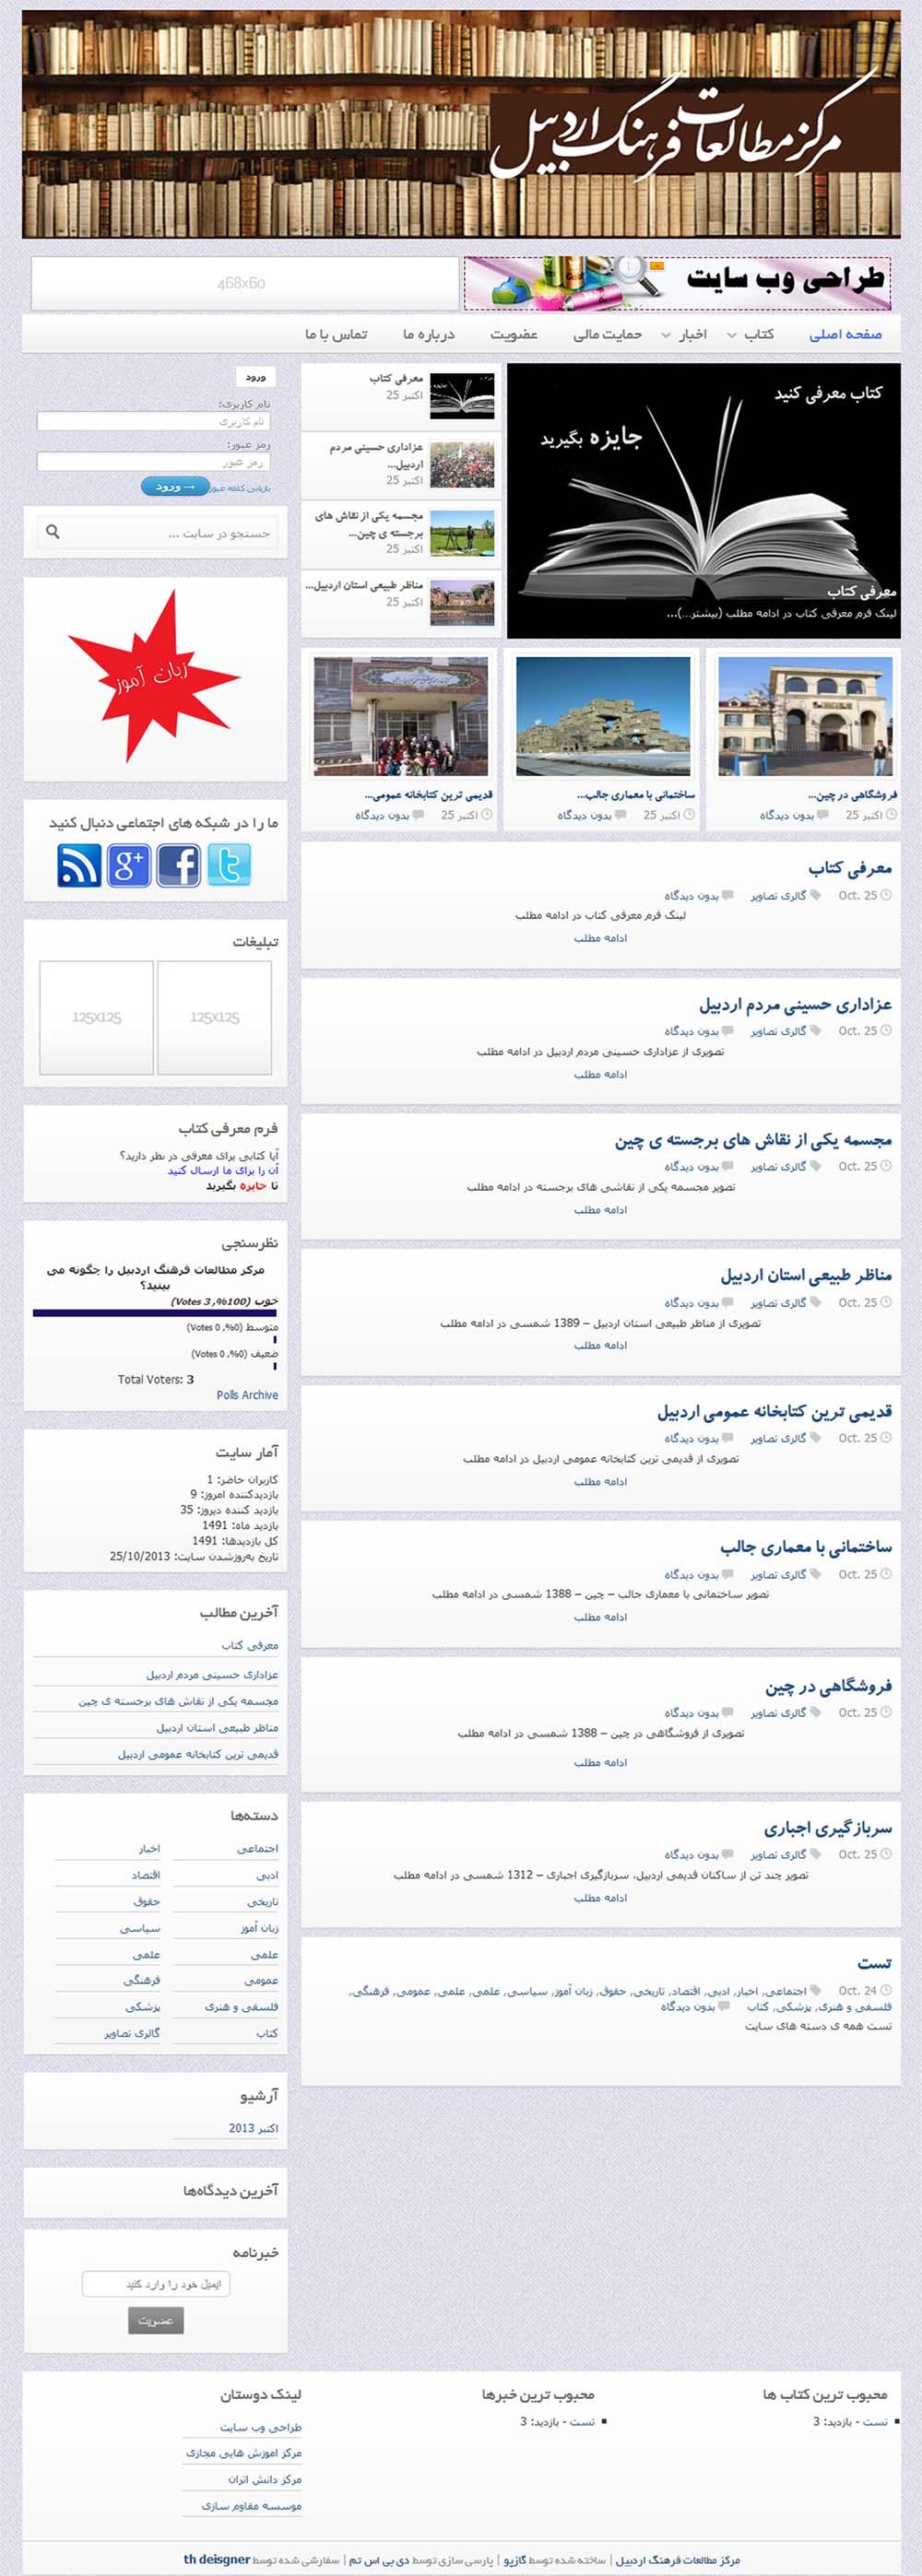 طراحی سایت مرکز مطالعات فرهنگ اردبیل